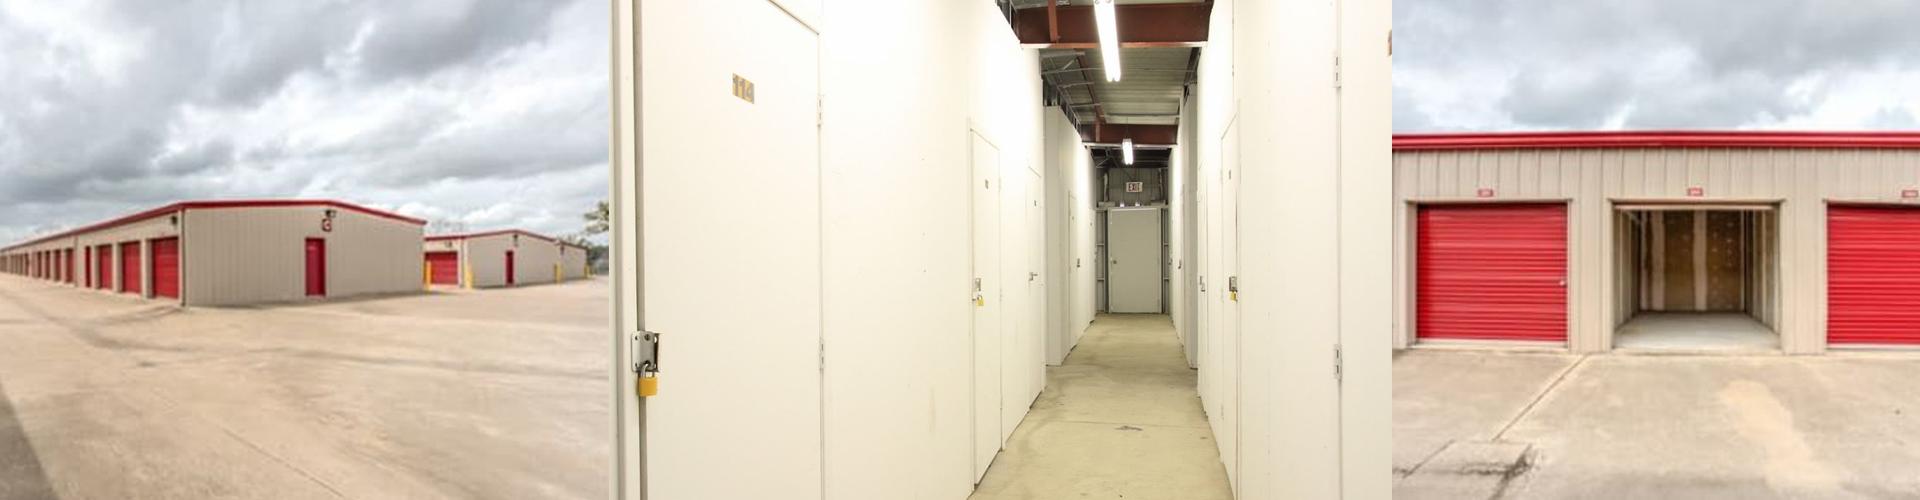 Bryan TX Storage